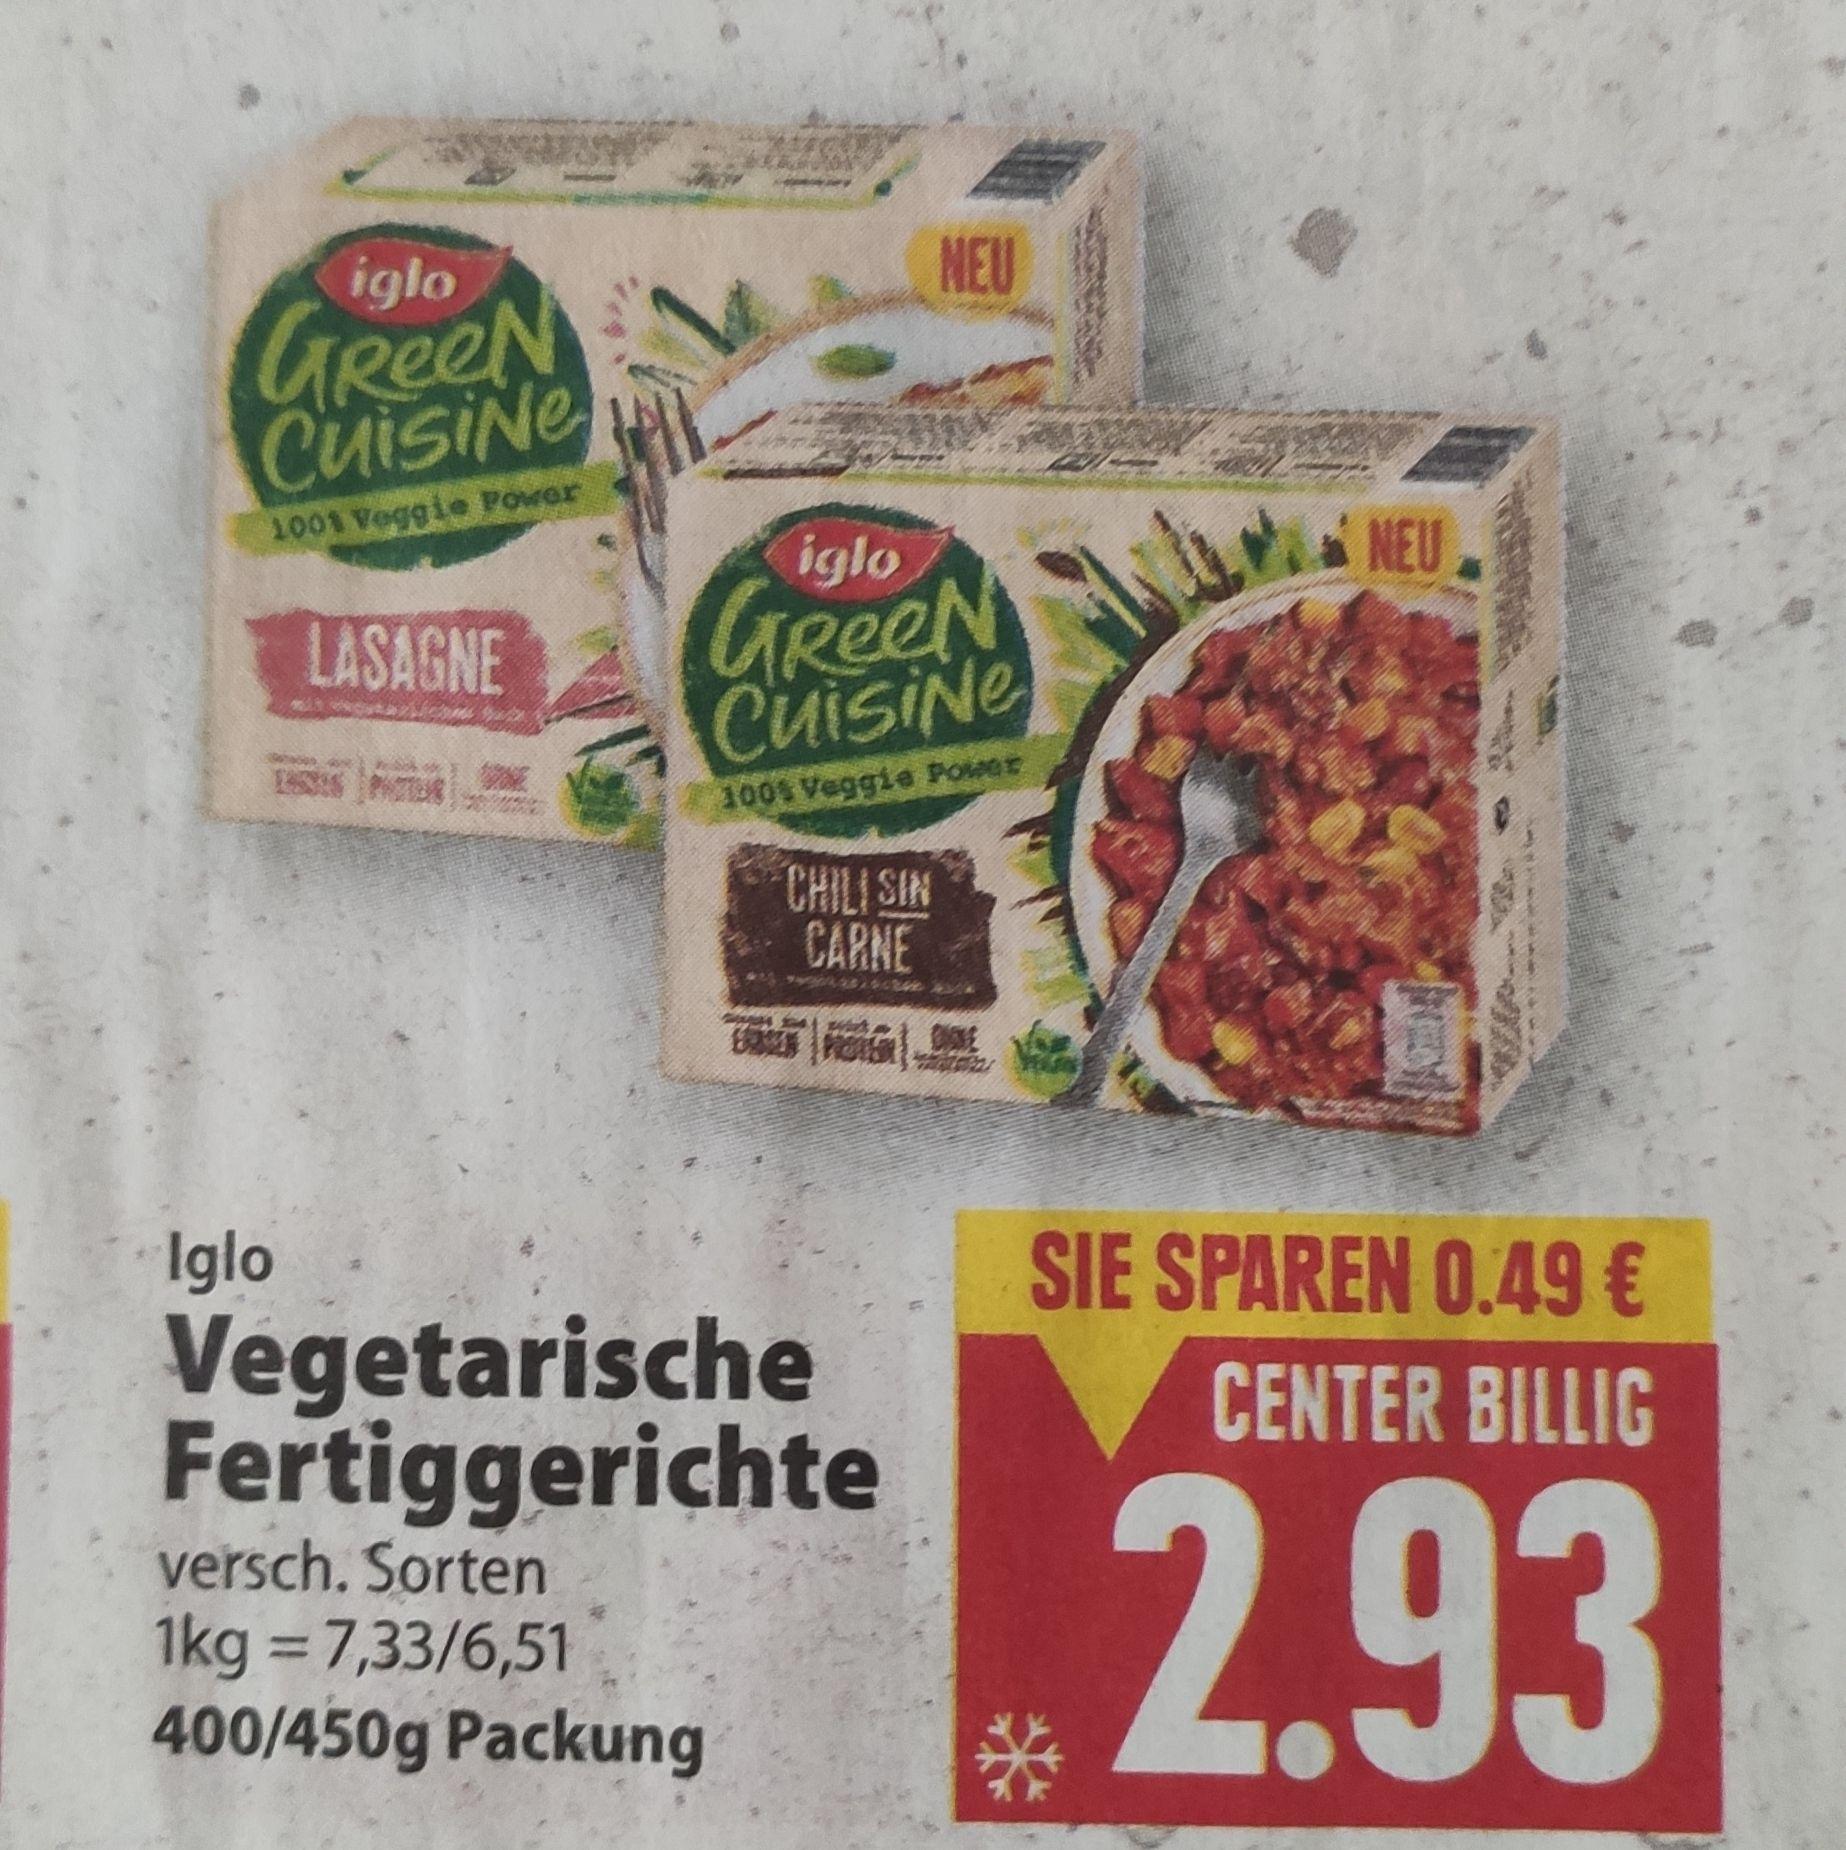 [Edeka Center Minden-Hannover] Iglo Green Cuisine Vegetarische Fertiggerichte mit Coupon für 1,93€ (nur heute)